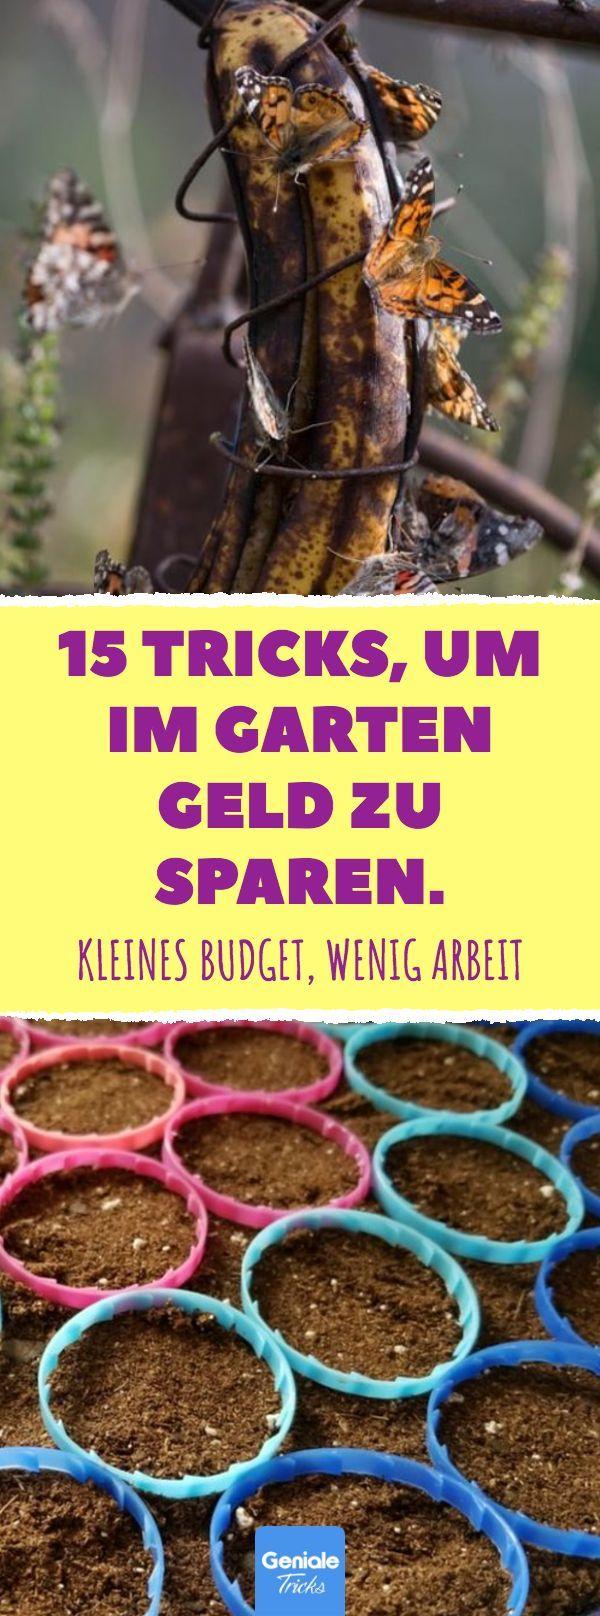 15 Tricks, um im Garten Geld zu sparen. Günstige Gartenideen: 15 Tipps zur